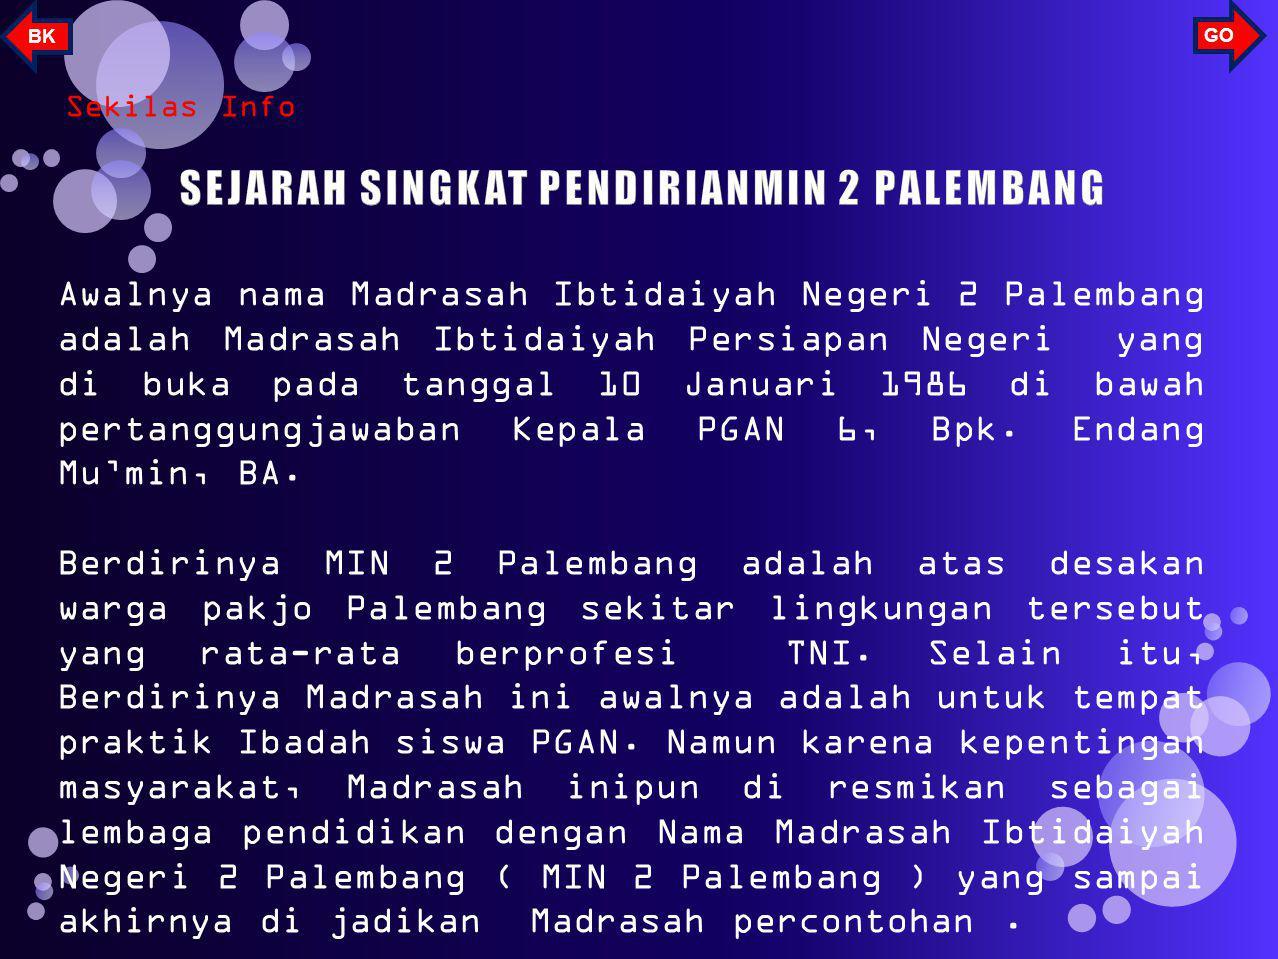 Di bawah binaan Dedi Irama, S.Pd, Supriyono, S.Sos.I, Kusbeni, dan Mustika Zkepramukaan MIN 2 Palembang telah di kenal dan ikut dalam berbagai tangkai kegiatan pramuka dan meraiah banayk piala GO BK